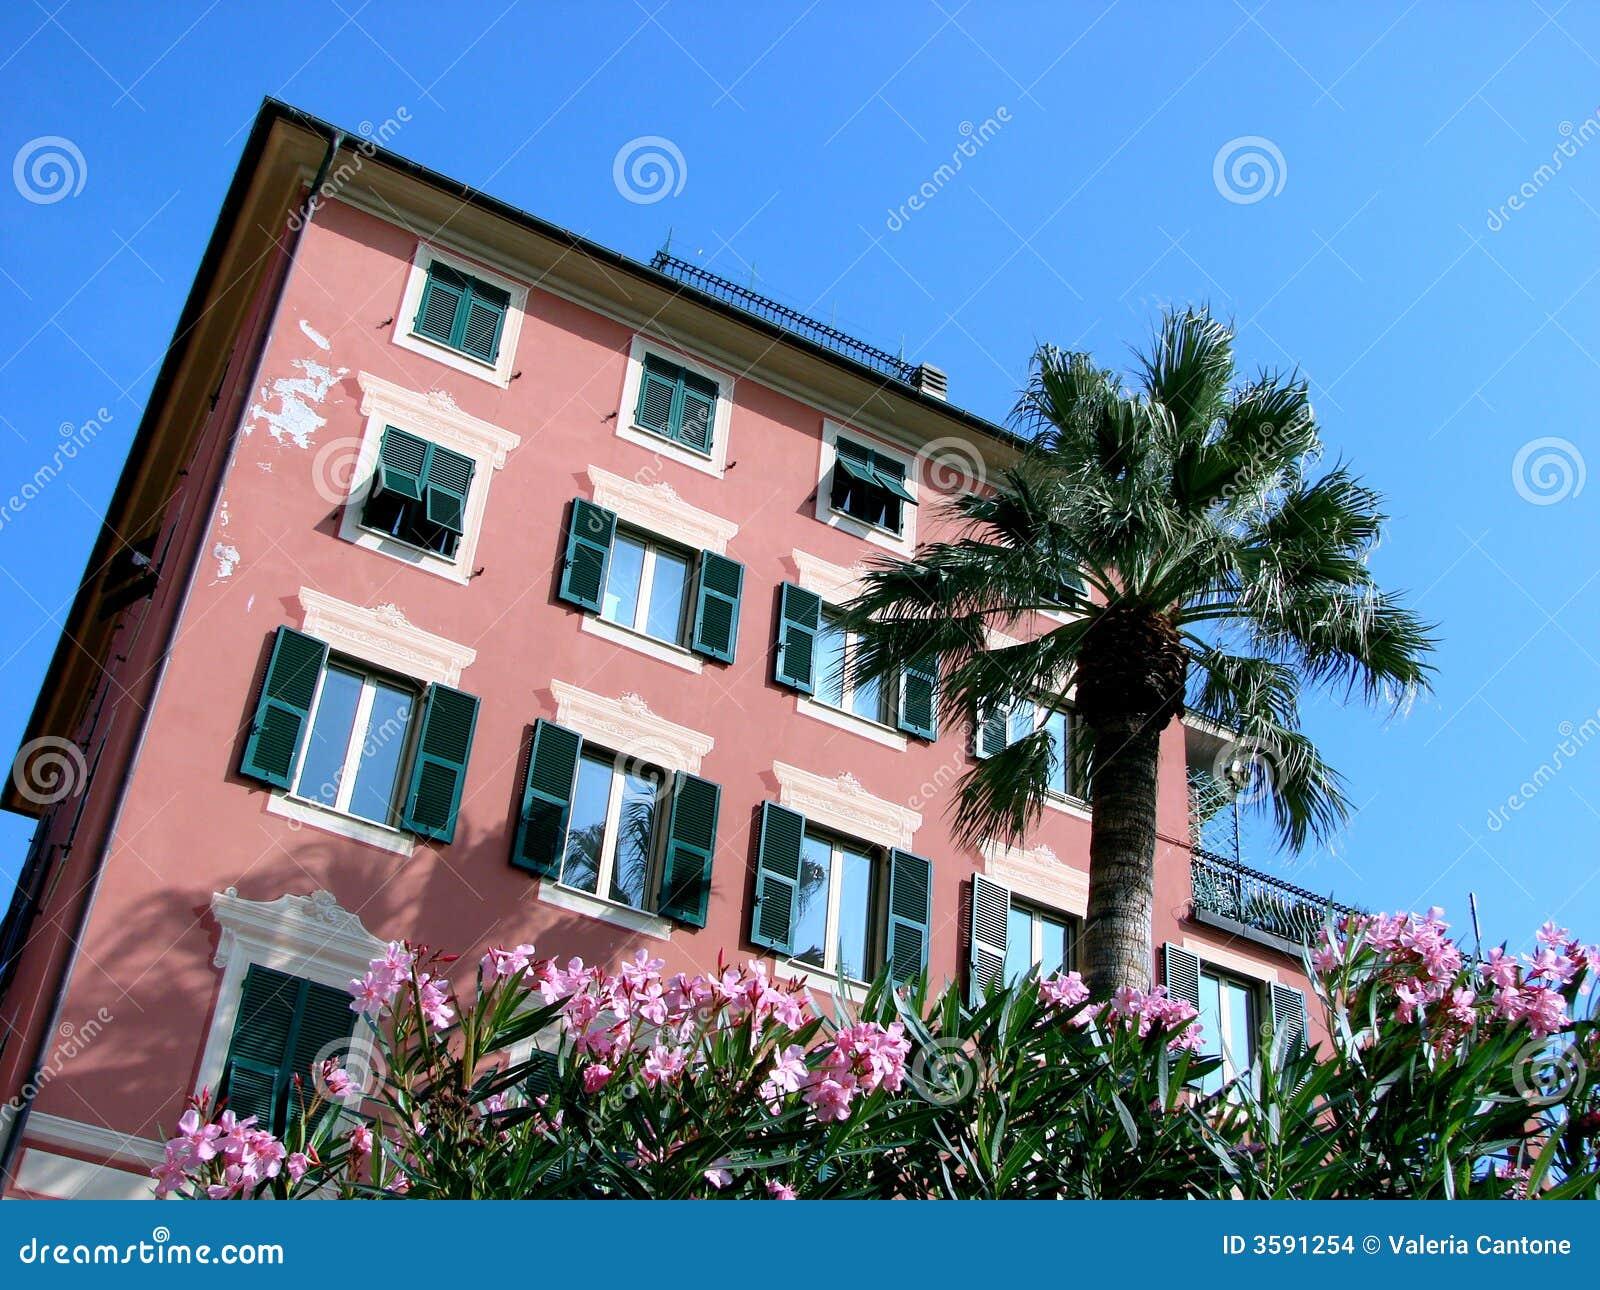 Maison type italienne de la riviera images stock image for Riviera de maison